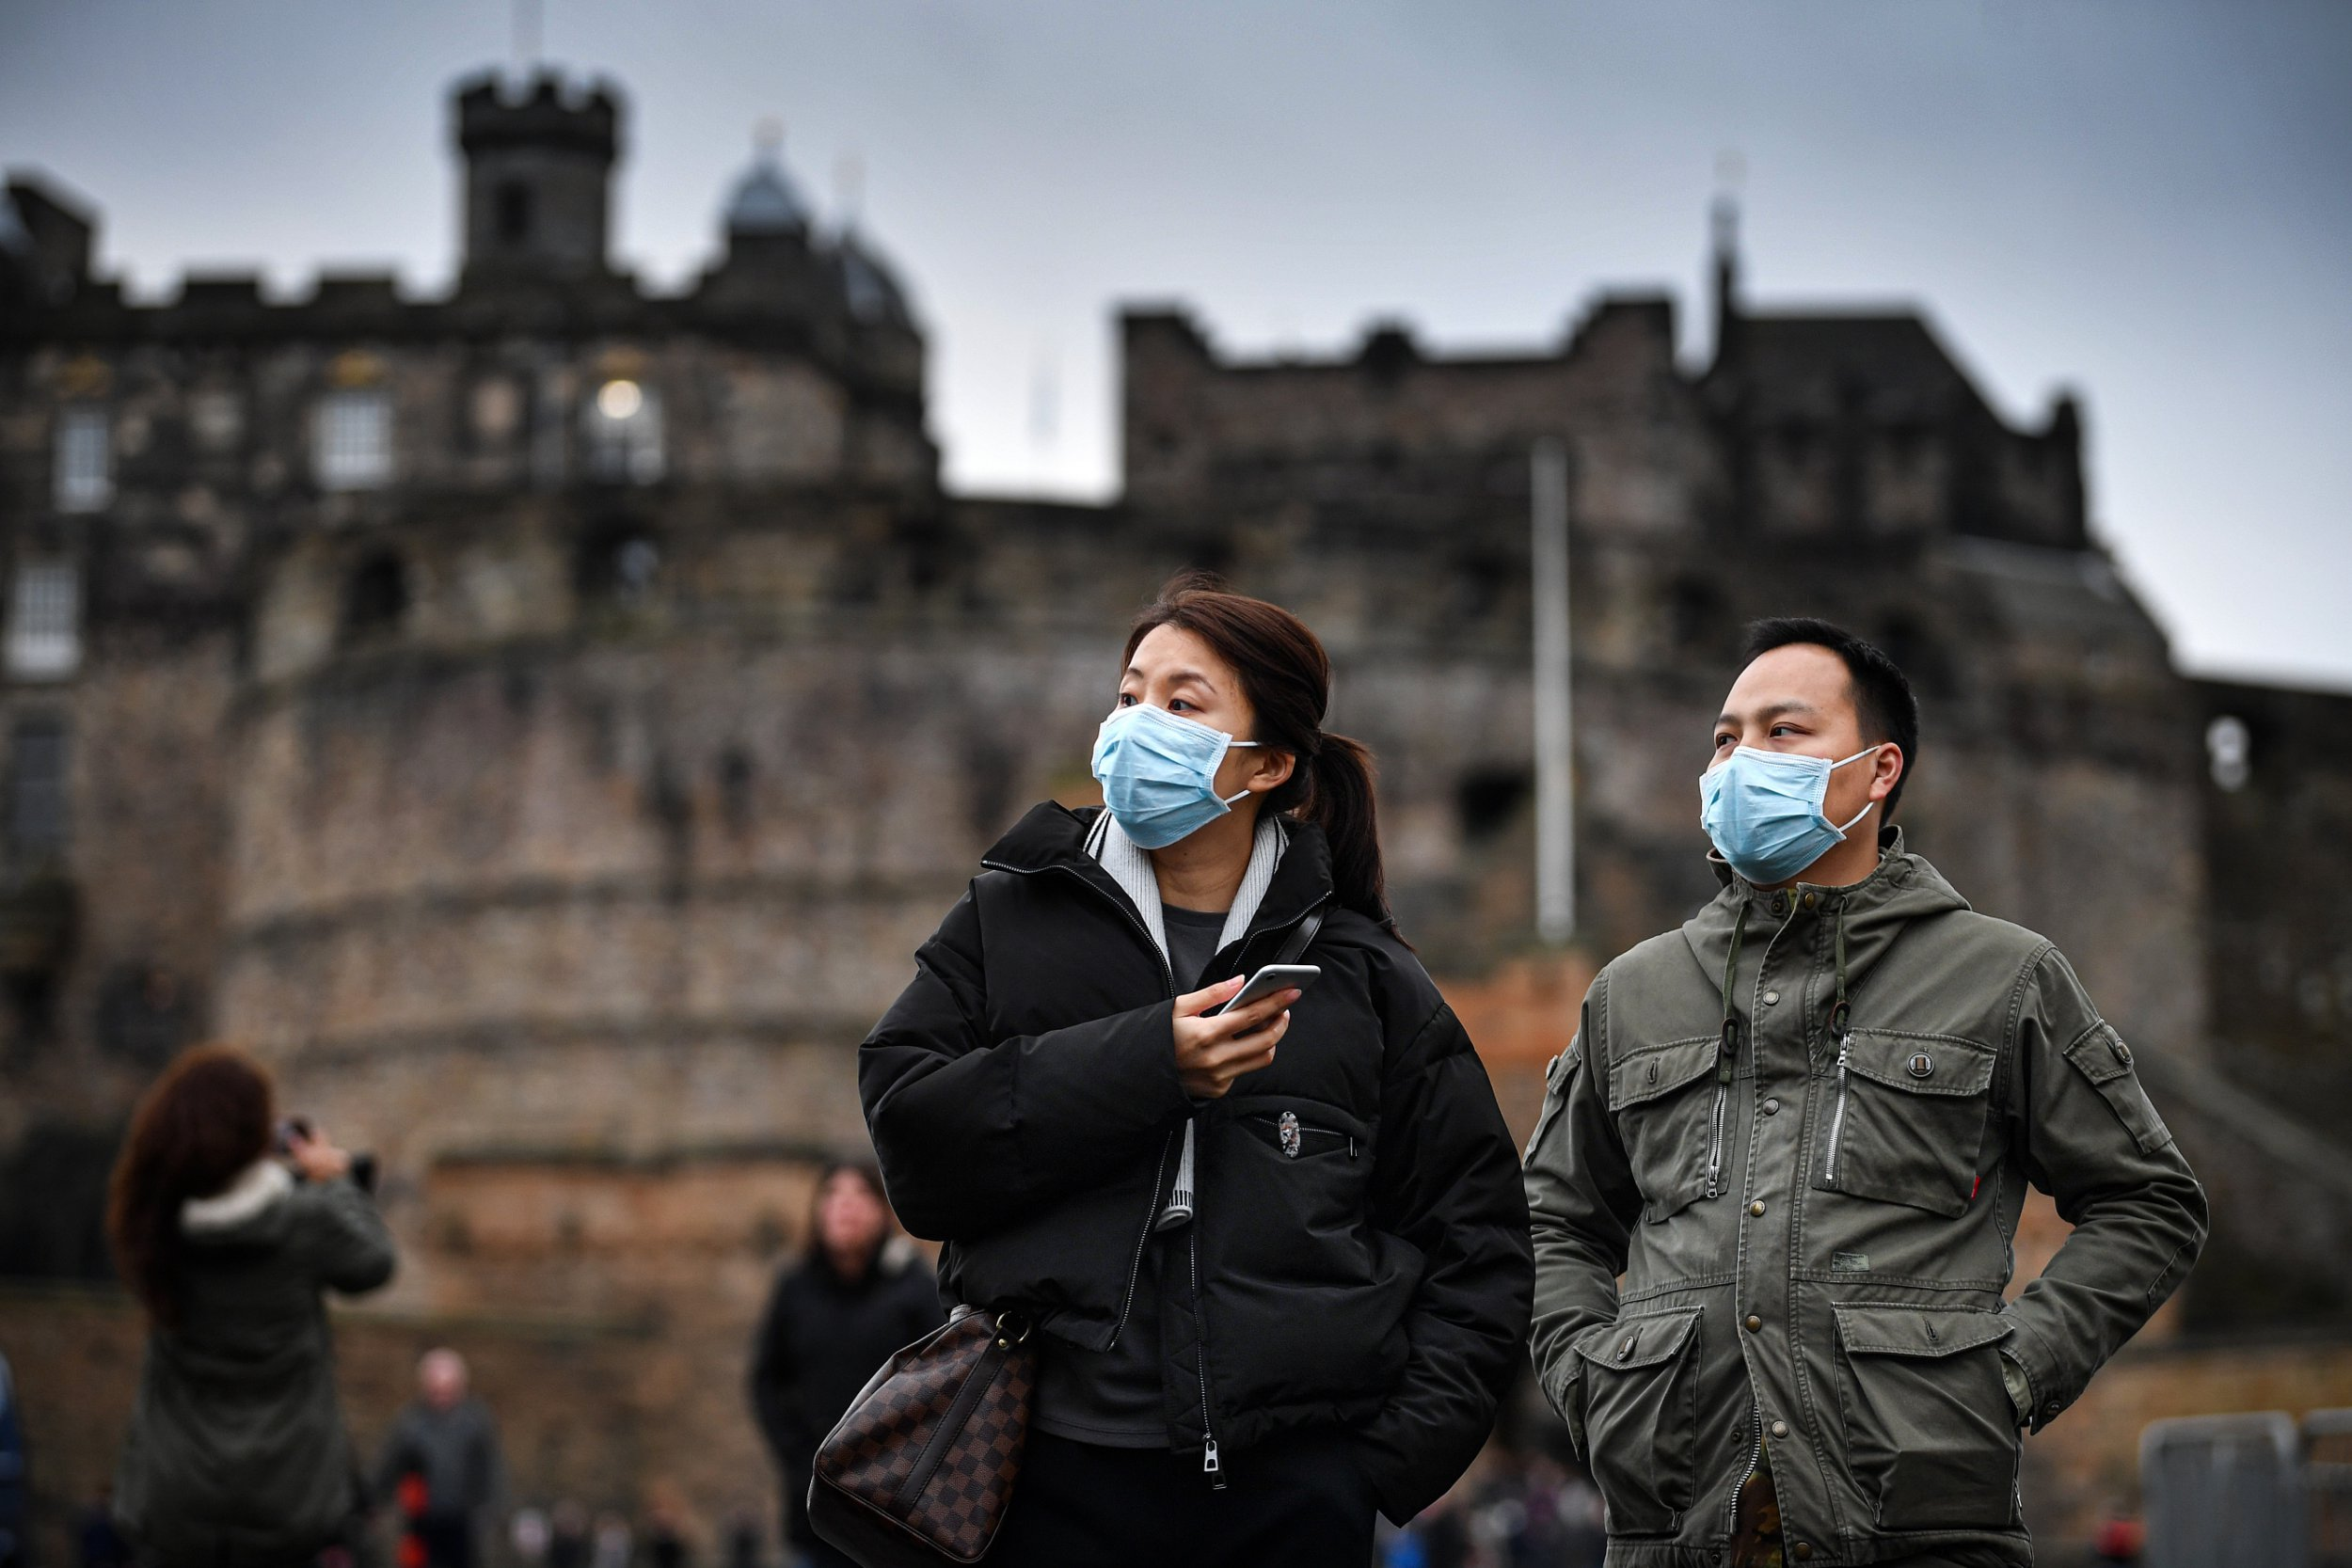 «إحصاء بريطانيا» : وفيات كورونا فى اسكتلندا من أعلى المعدلات في العالم